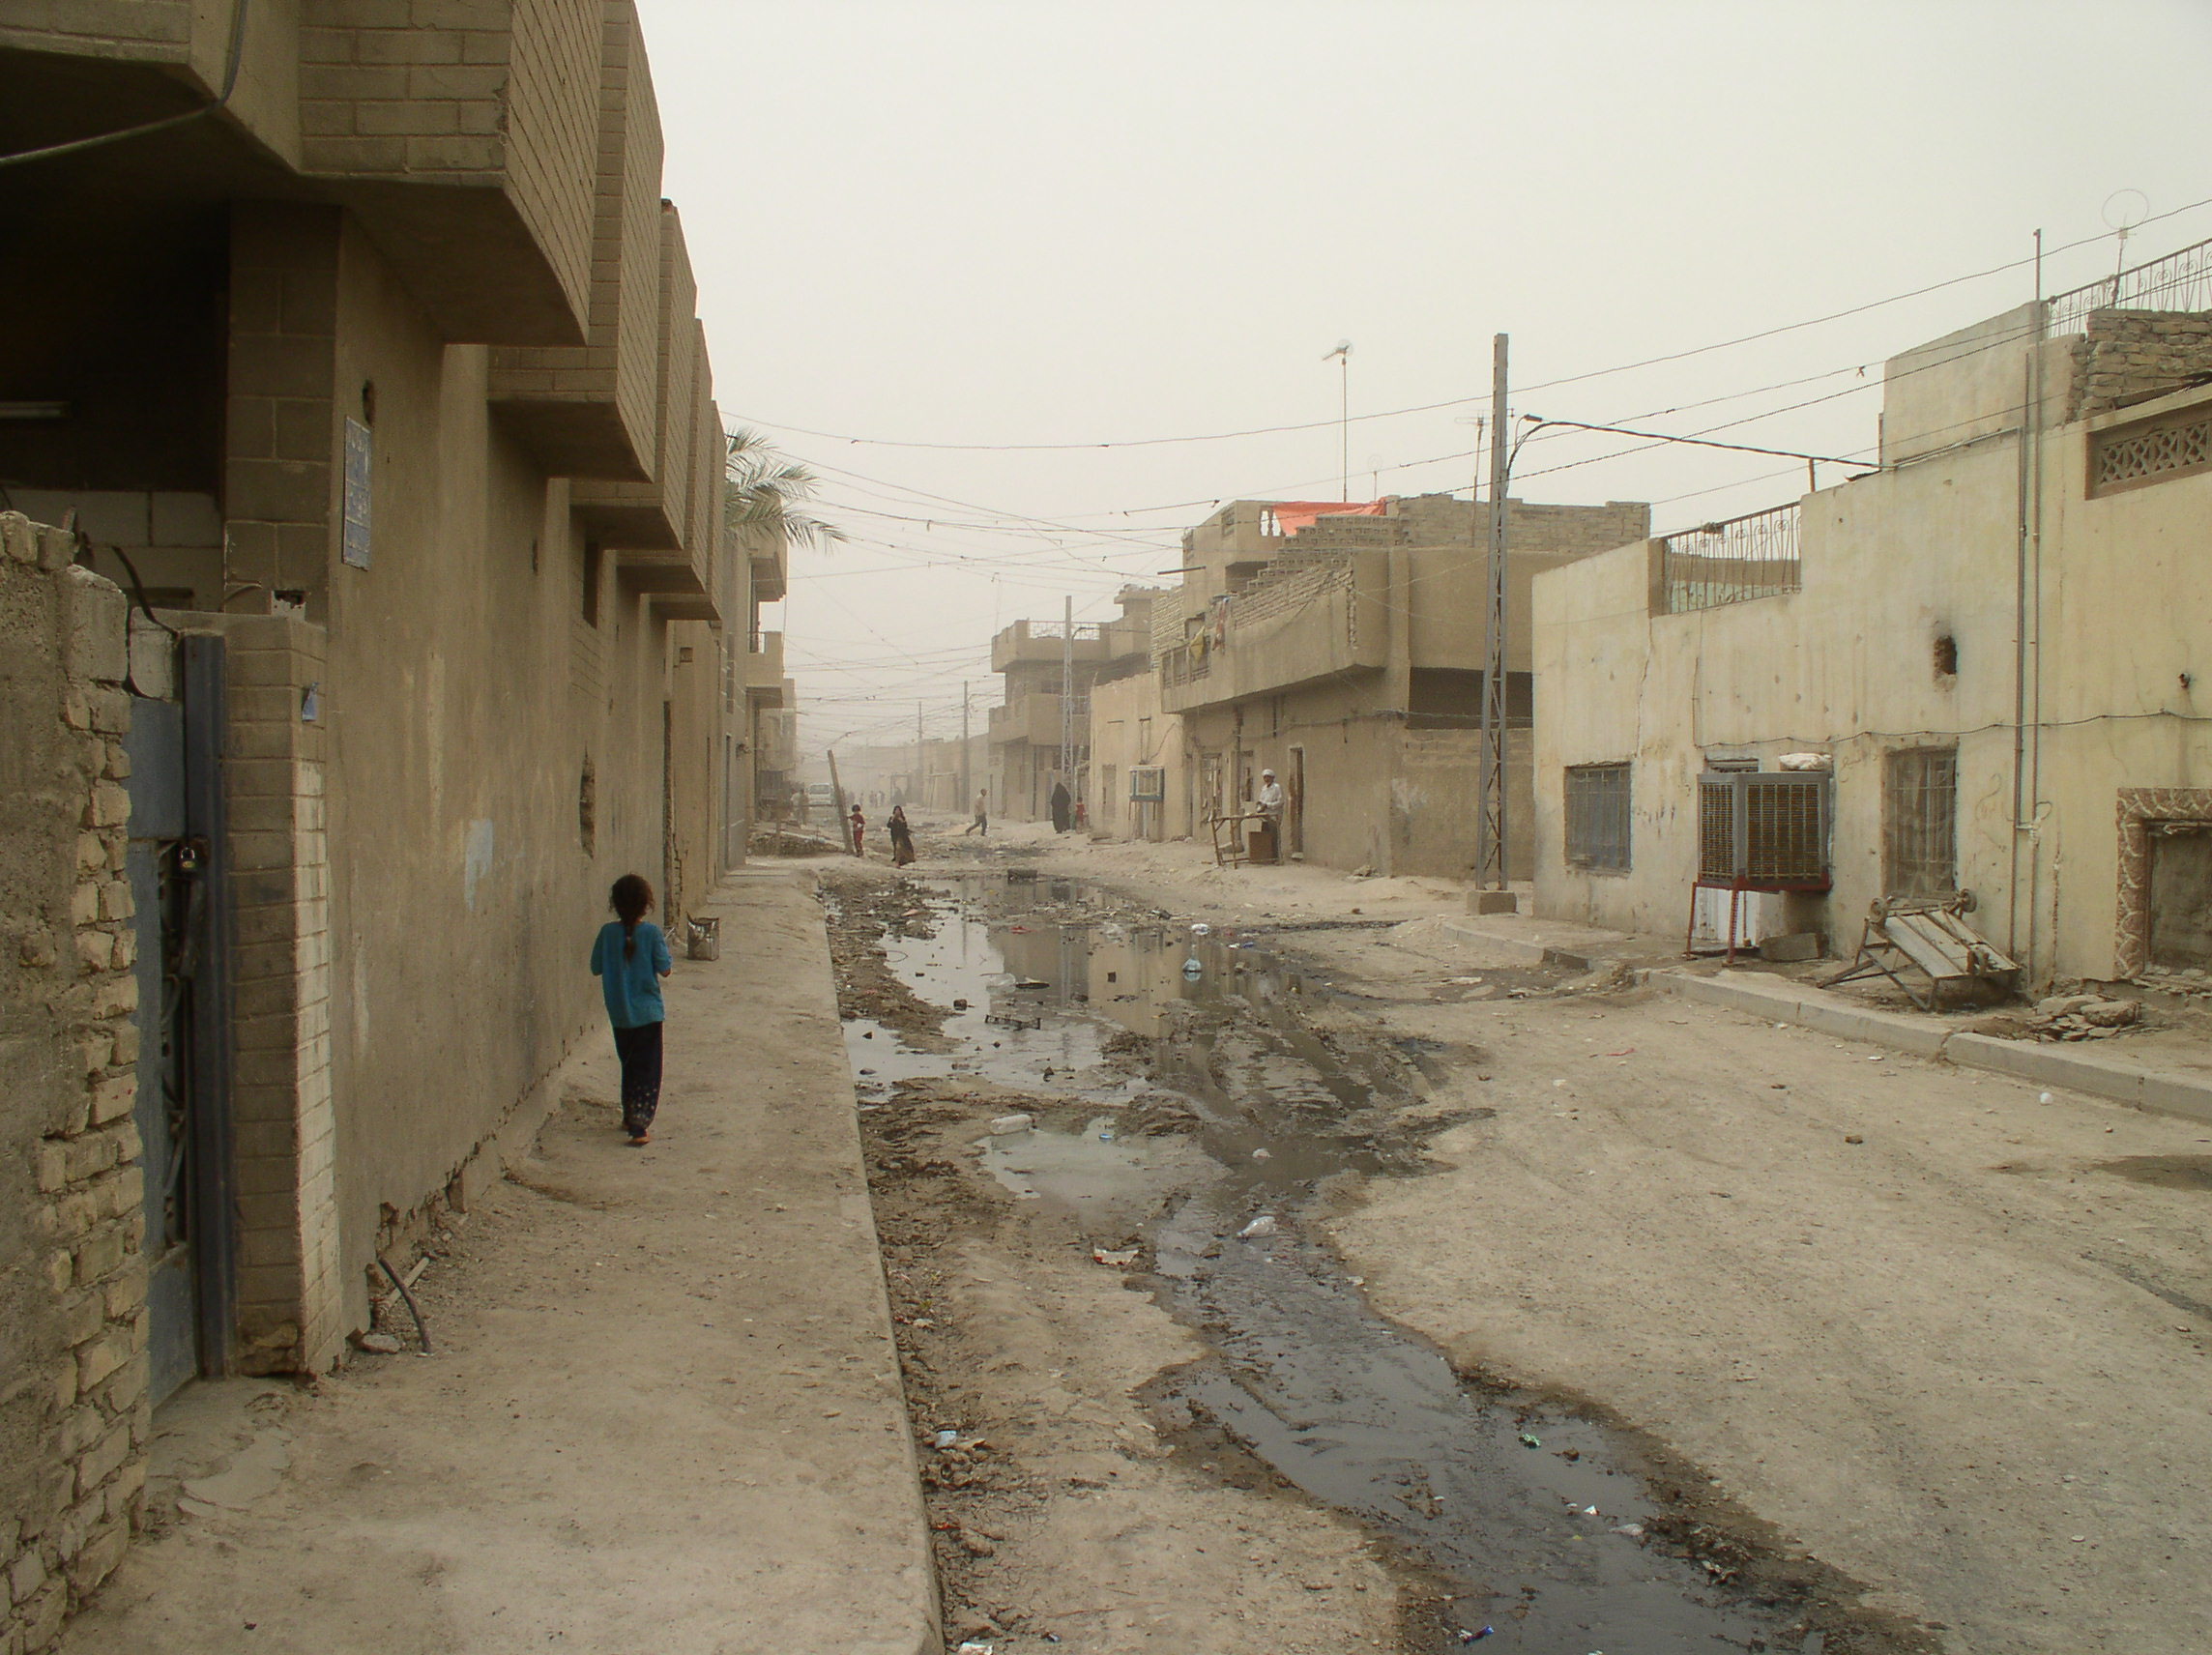 [1/35°] Guerre Occident-Iran, combat de rues quelque part en Iran - Page 2 Sadr_City-July_2005_CPT